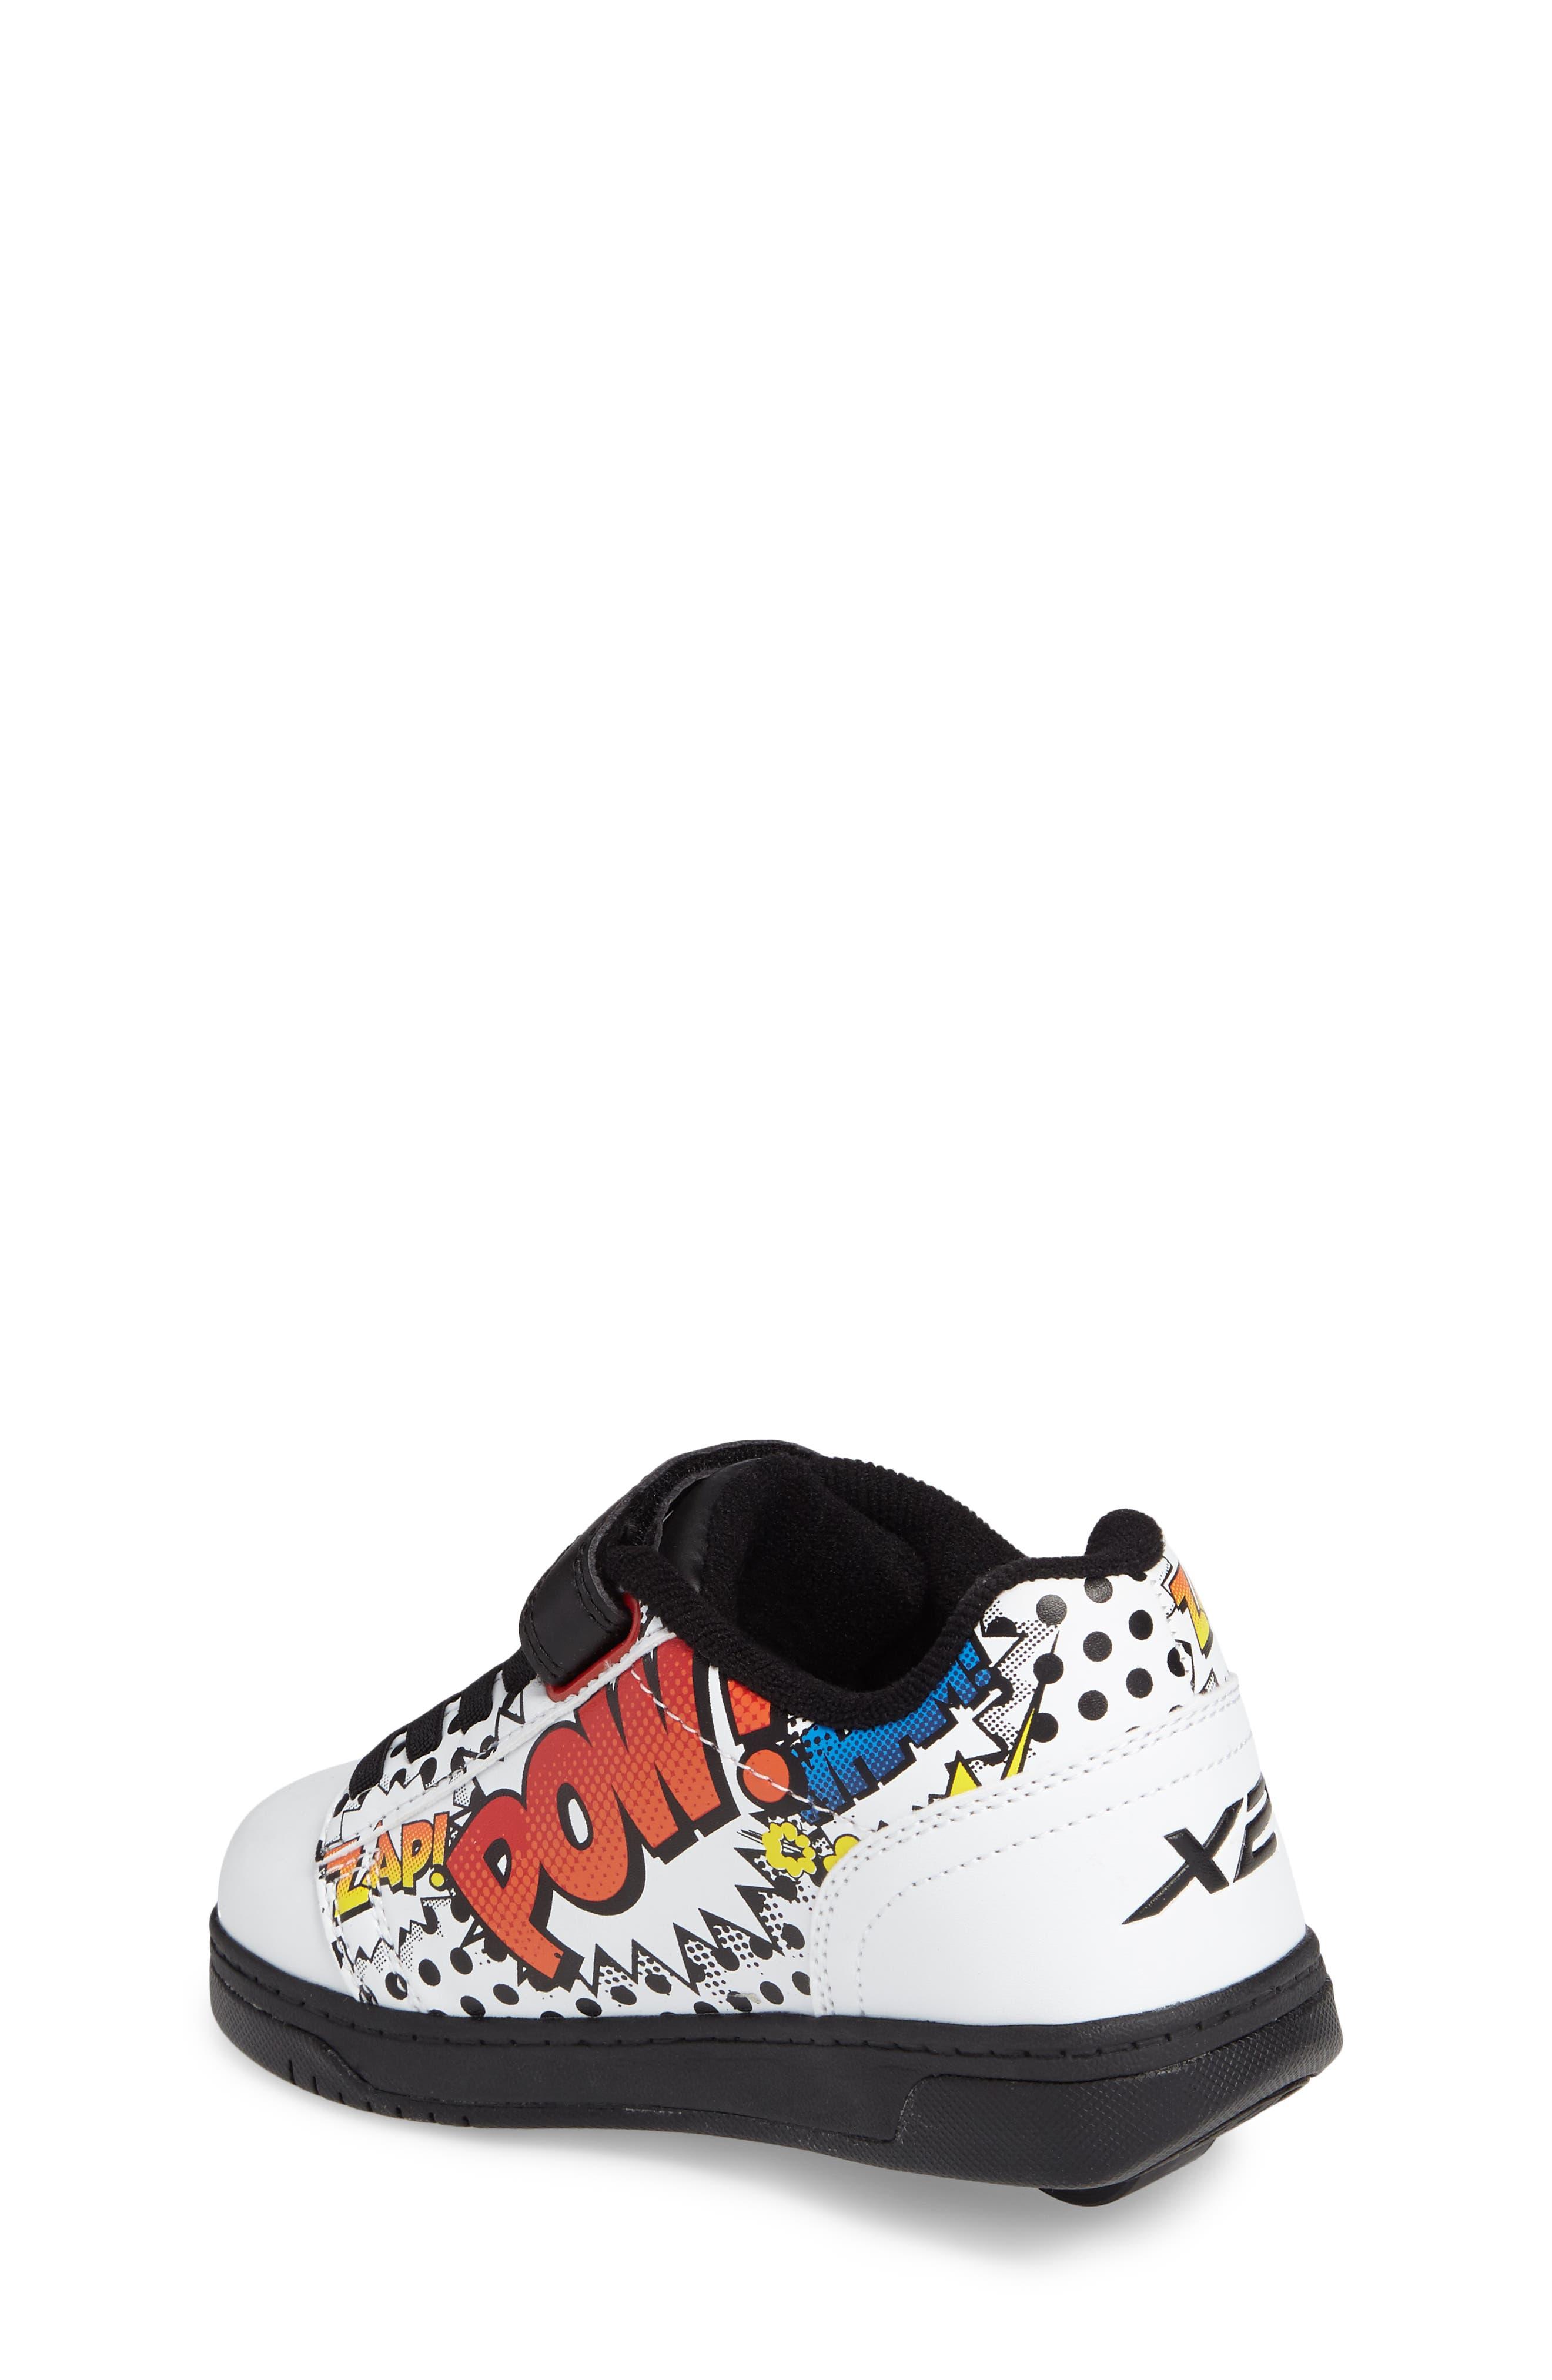 Dual Up X2 Comic Sneaker,                             Alternate thumbnail 2, color,                             WHITE/ BLACK/ MULTI COMIC